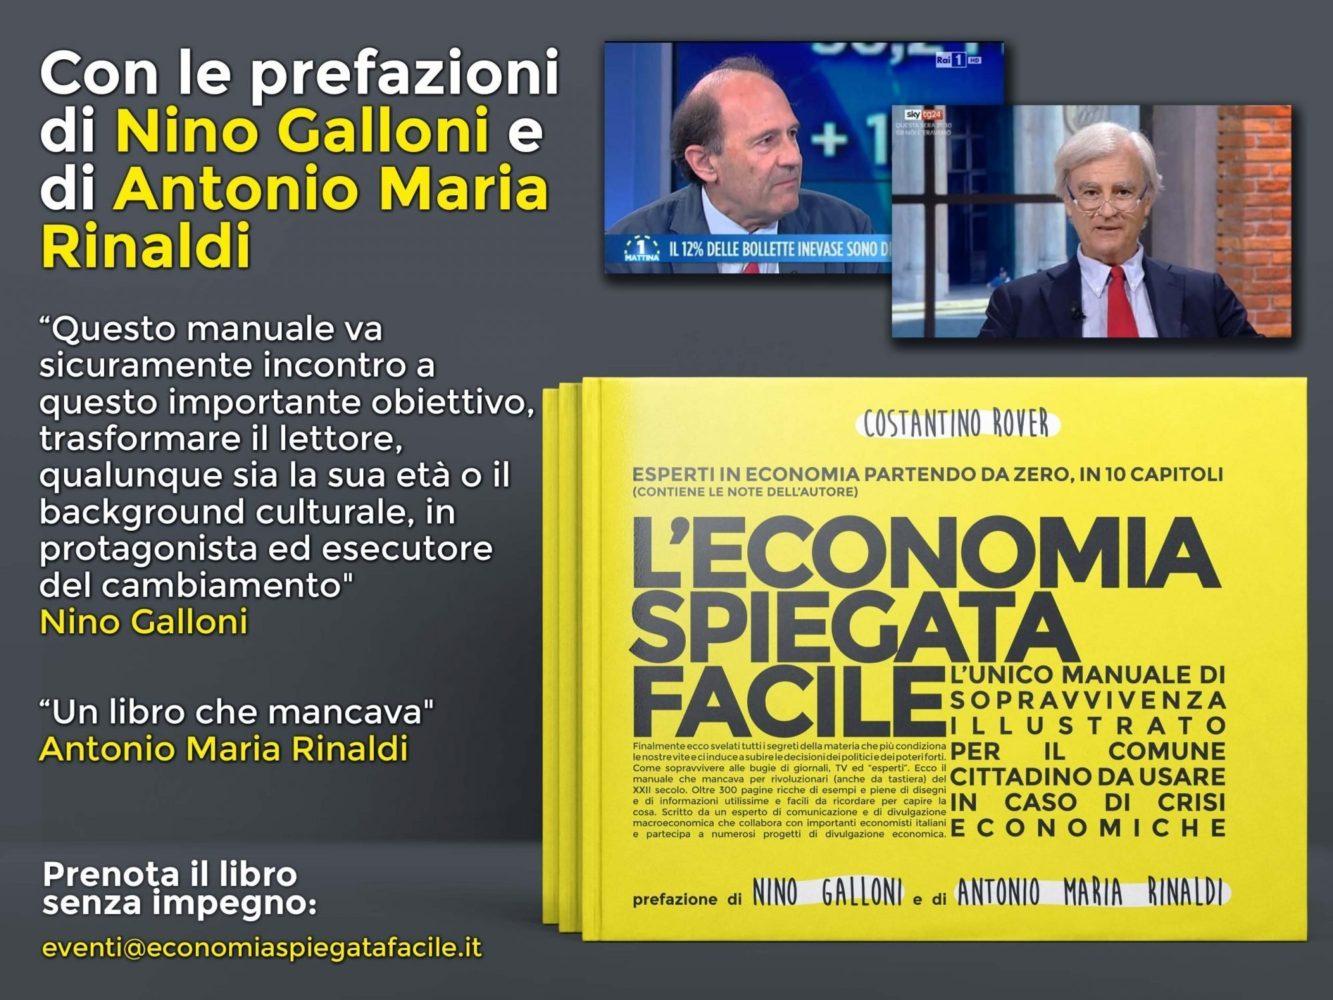 Nino Galloni e Antonio Maria Rinaldi firmano la prefazione al libro di Economia Spiegata Facile